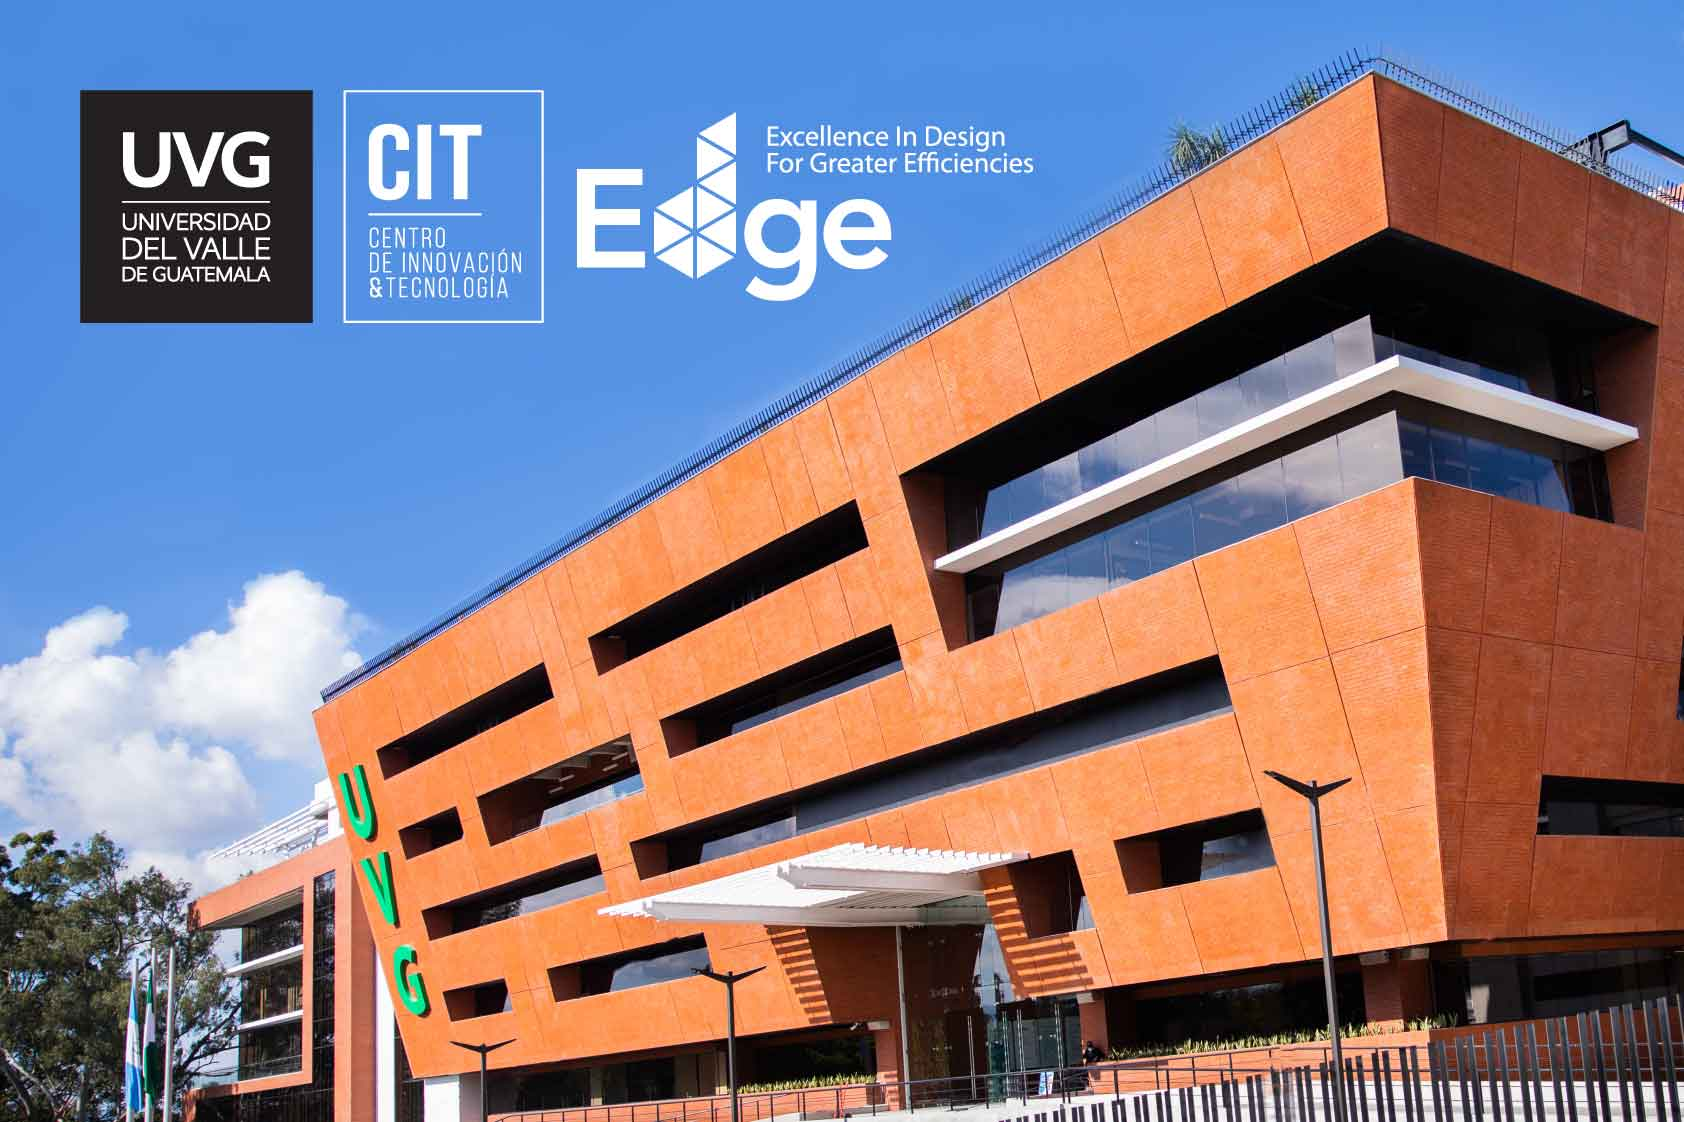 El CIT recibió la certificación EDGE Advanced gracias al uso eficiente de agua y energía